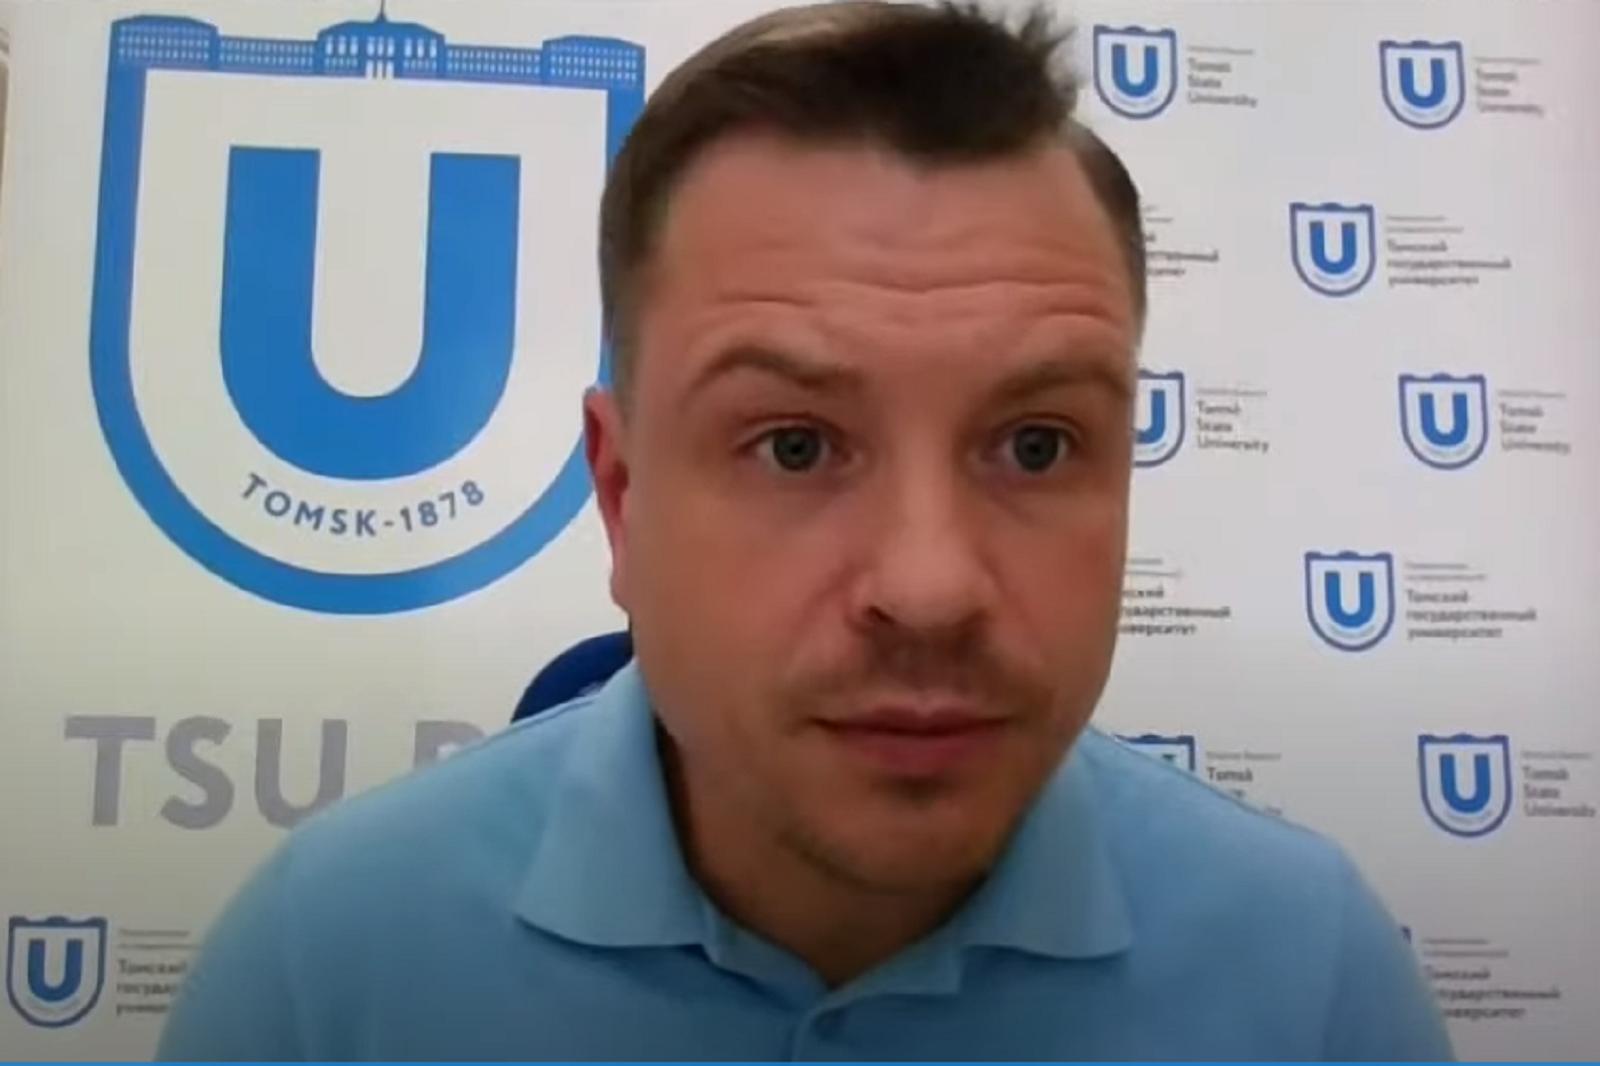 托木斯克国立大学校长线上回答大学相关问题插图-小狮座俄罗斯留学